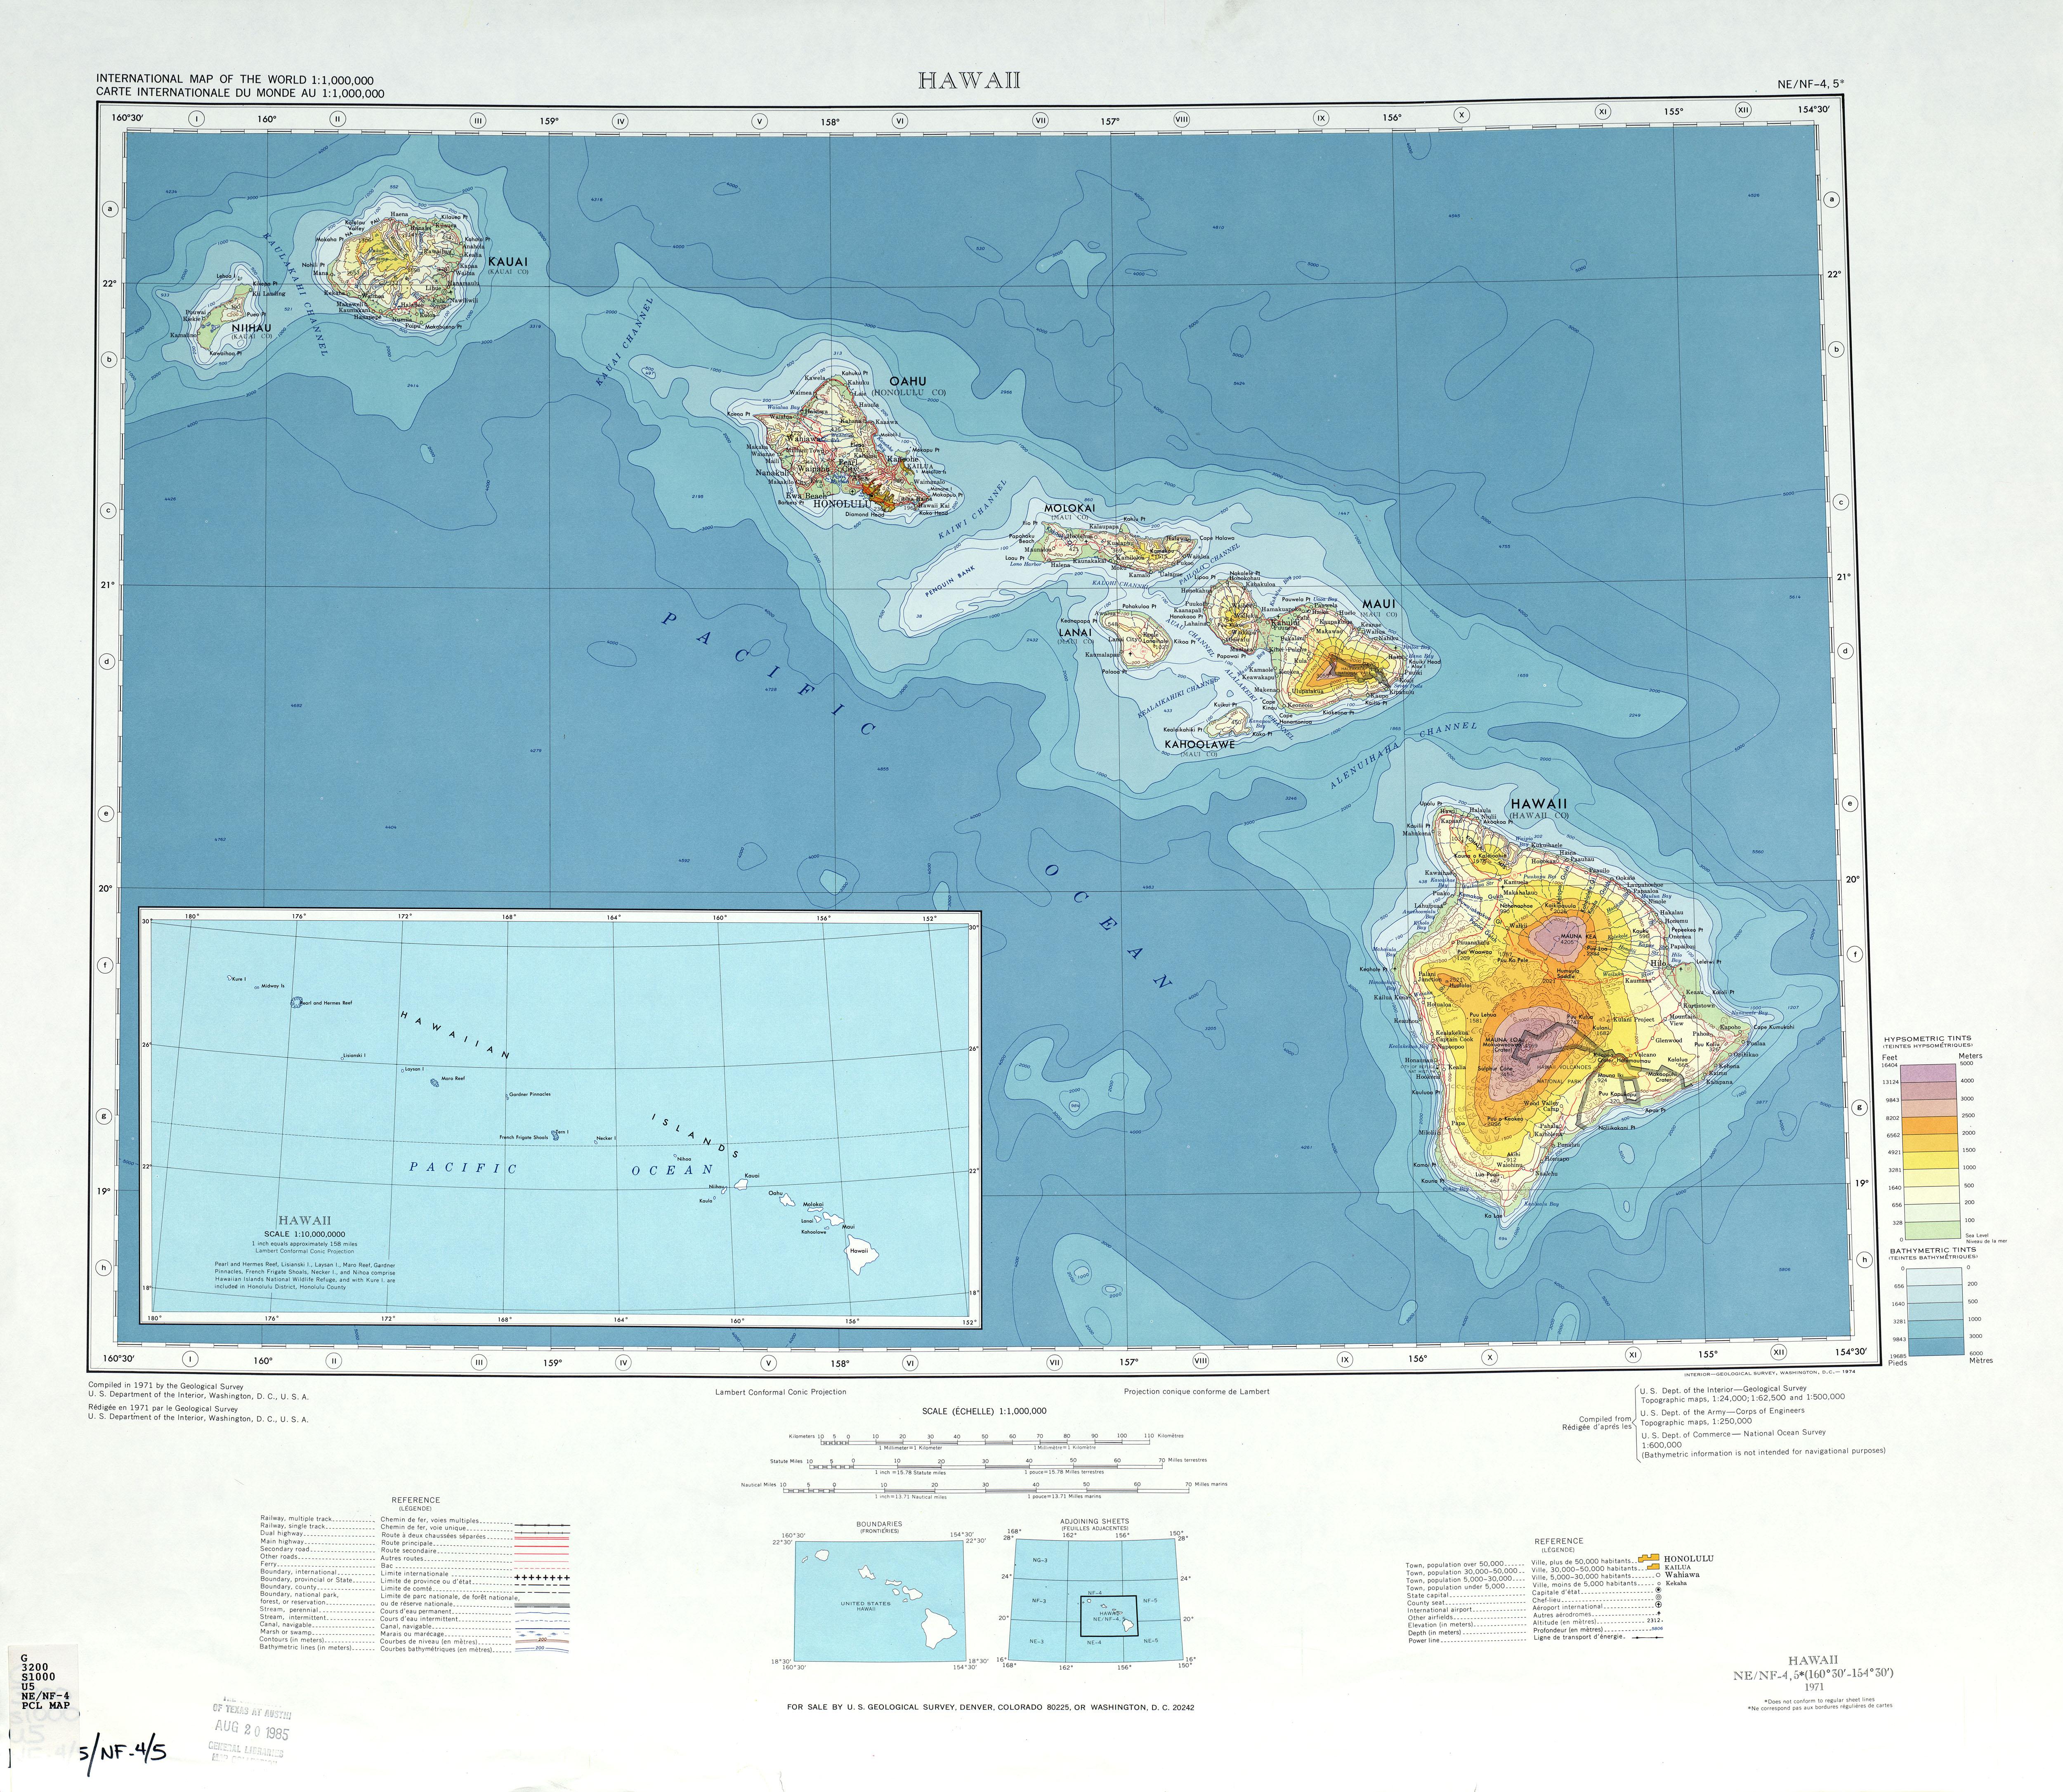 Map Of Hawaii Topographic Map Weltkarte Com Karten Und